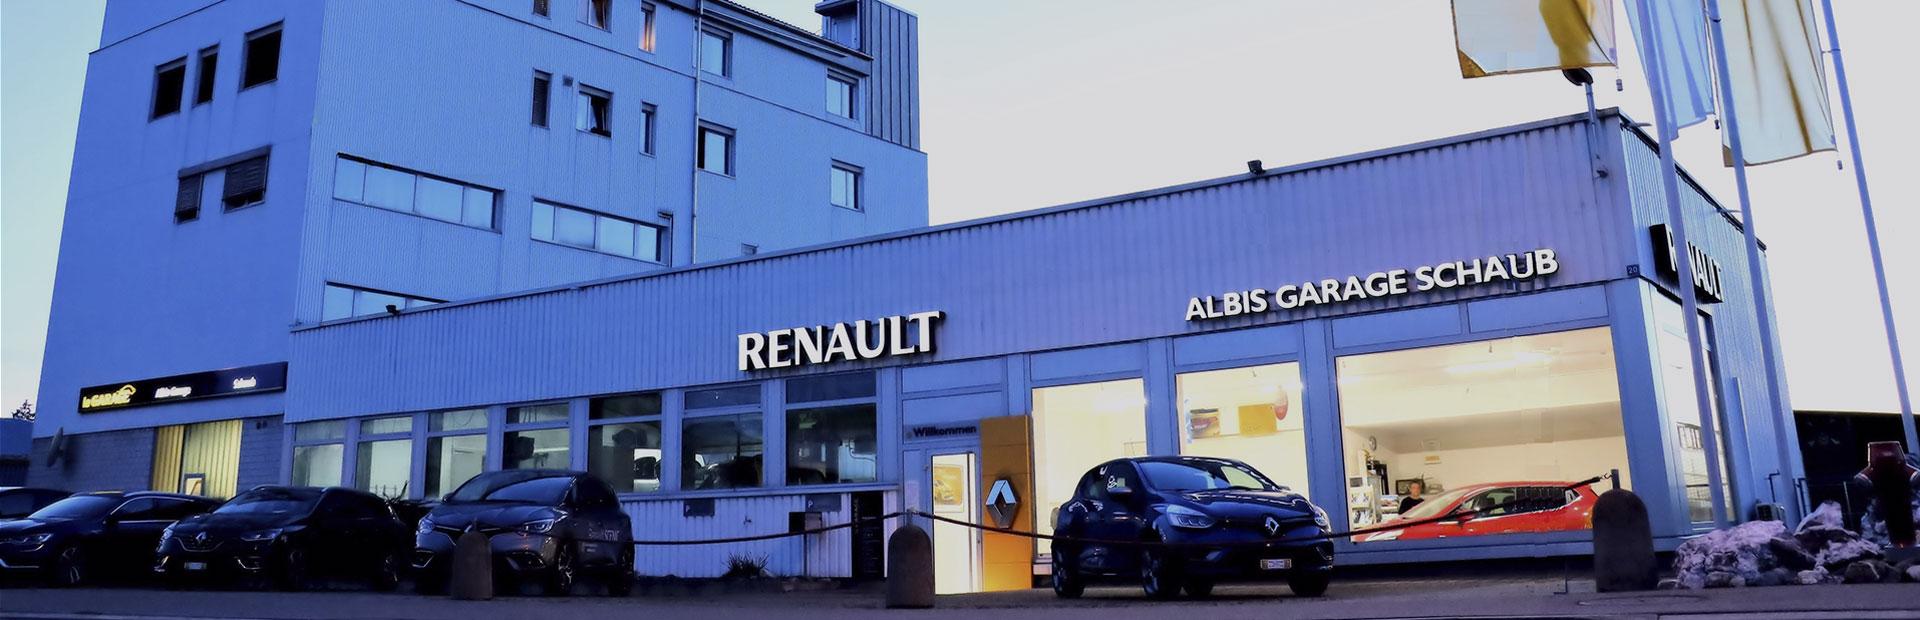 (c) Albisgarage.ch